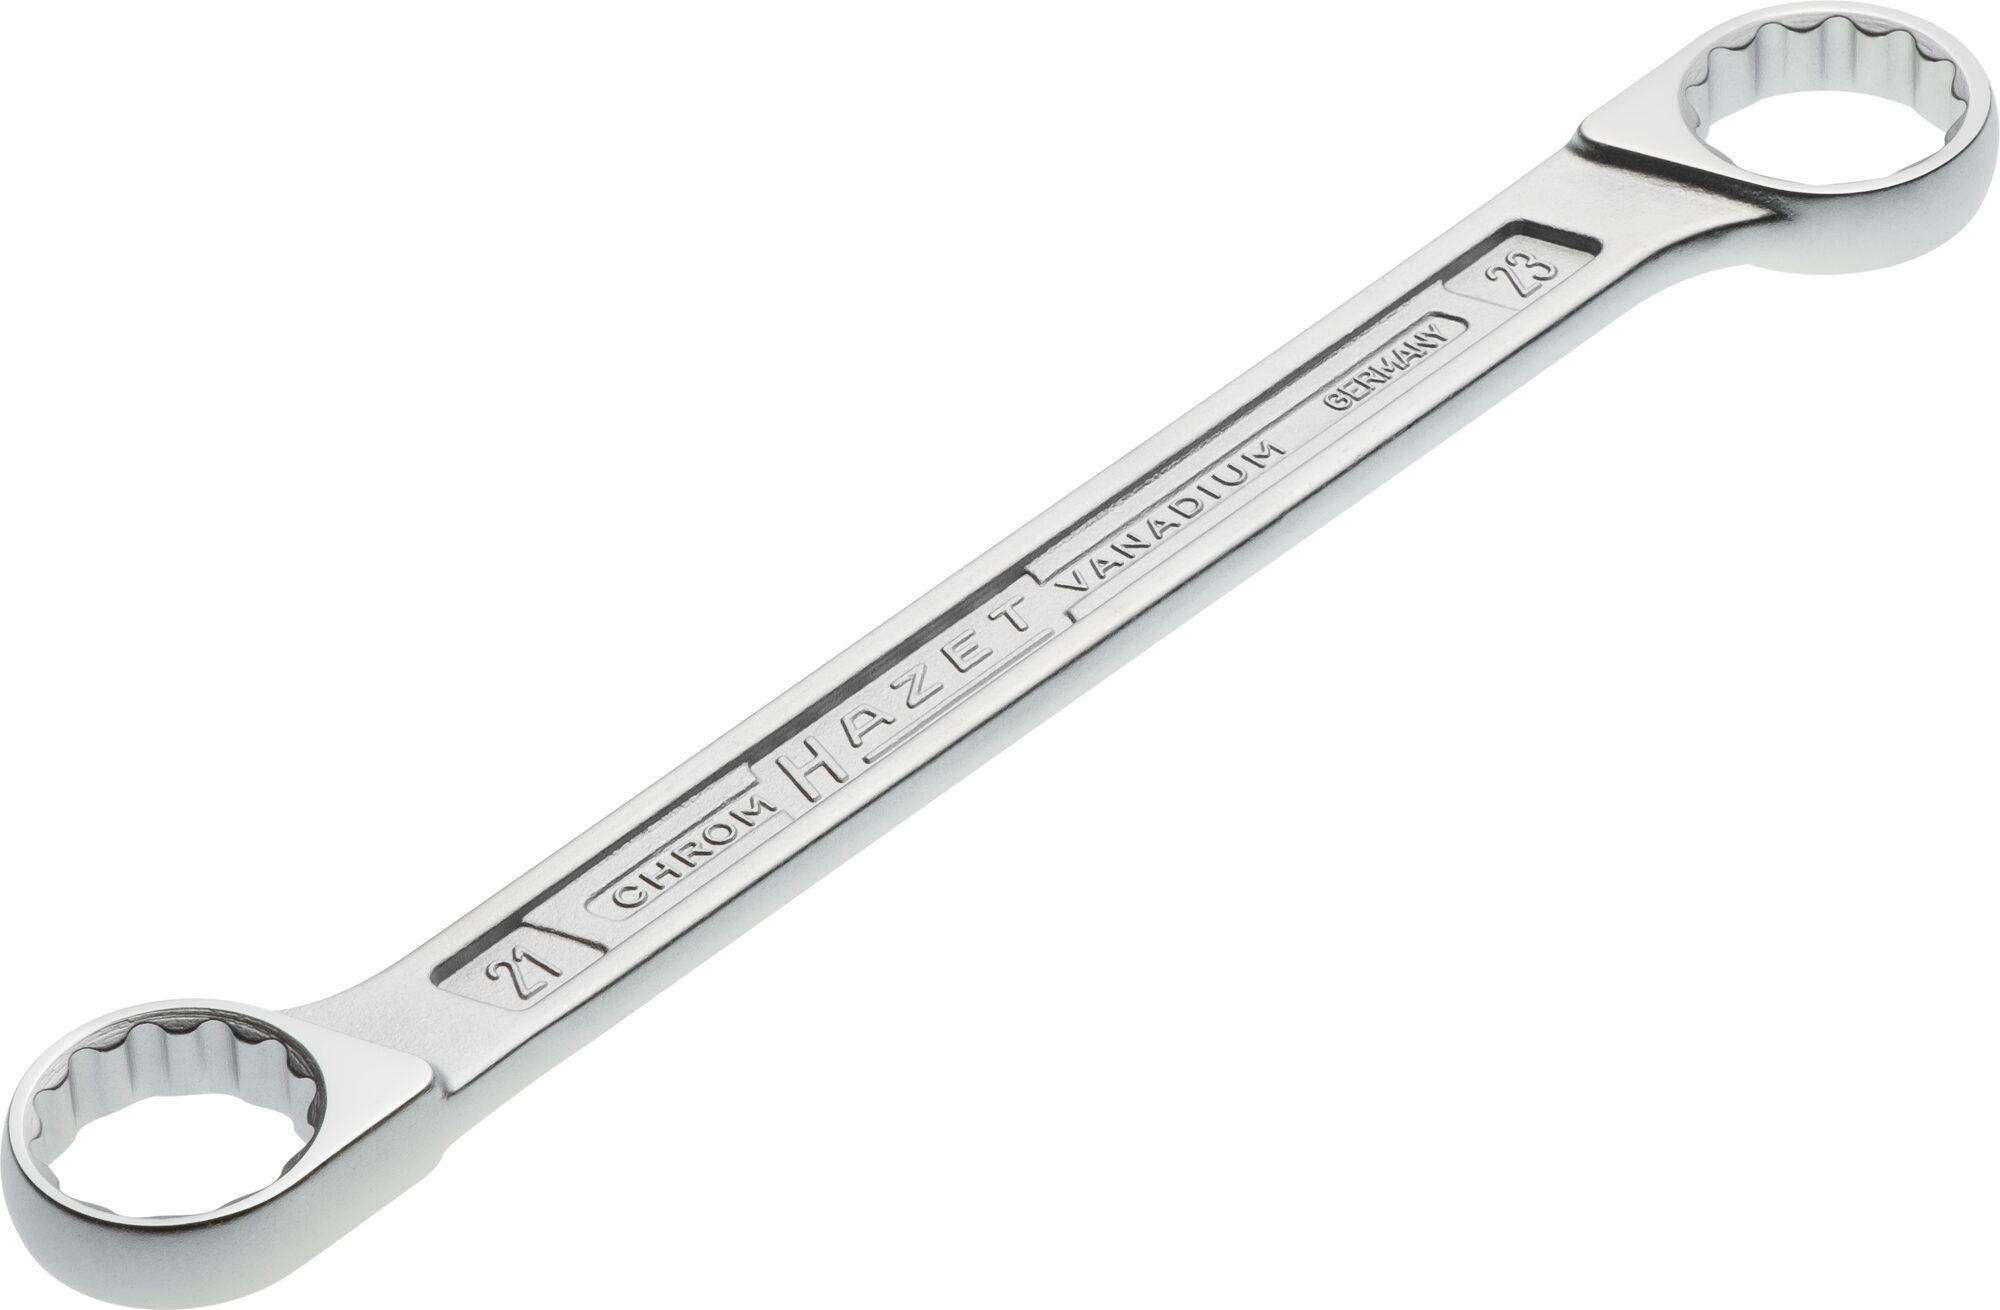 HAZET Doppel-Ringschlüssel 610N-21X23 ∙ Außen-Doppel-Sechskant-Tractionsprofil ∙ 21 x 23 mm